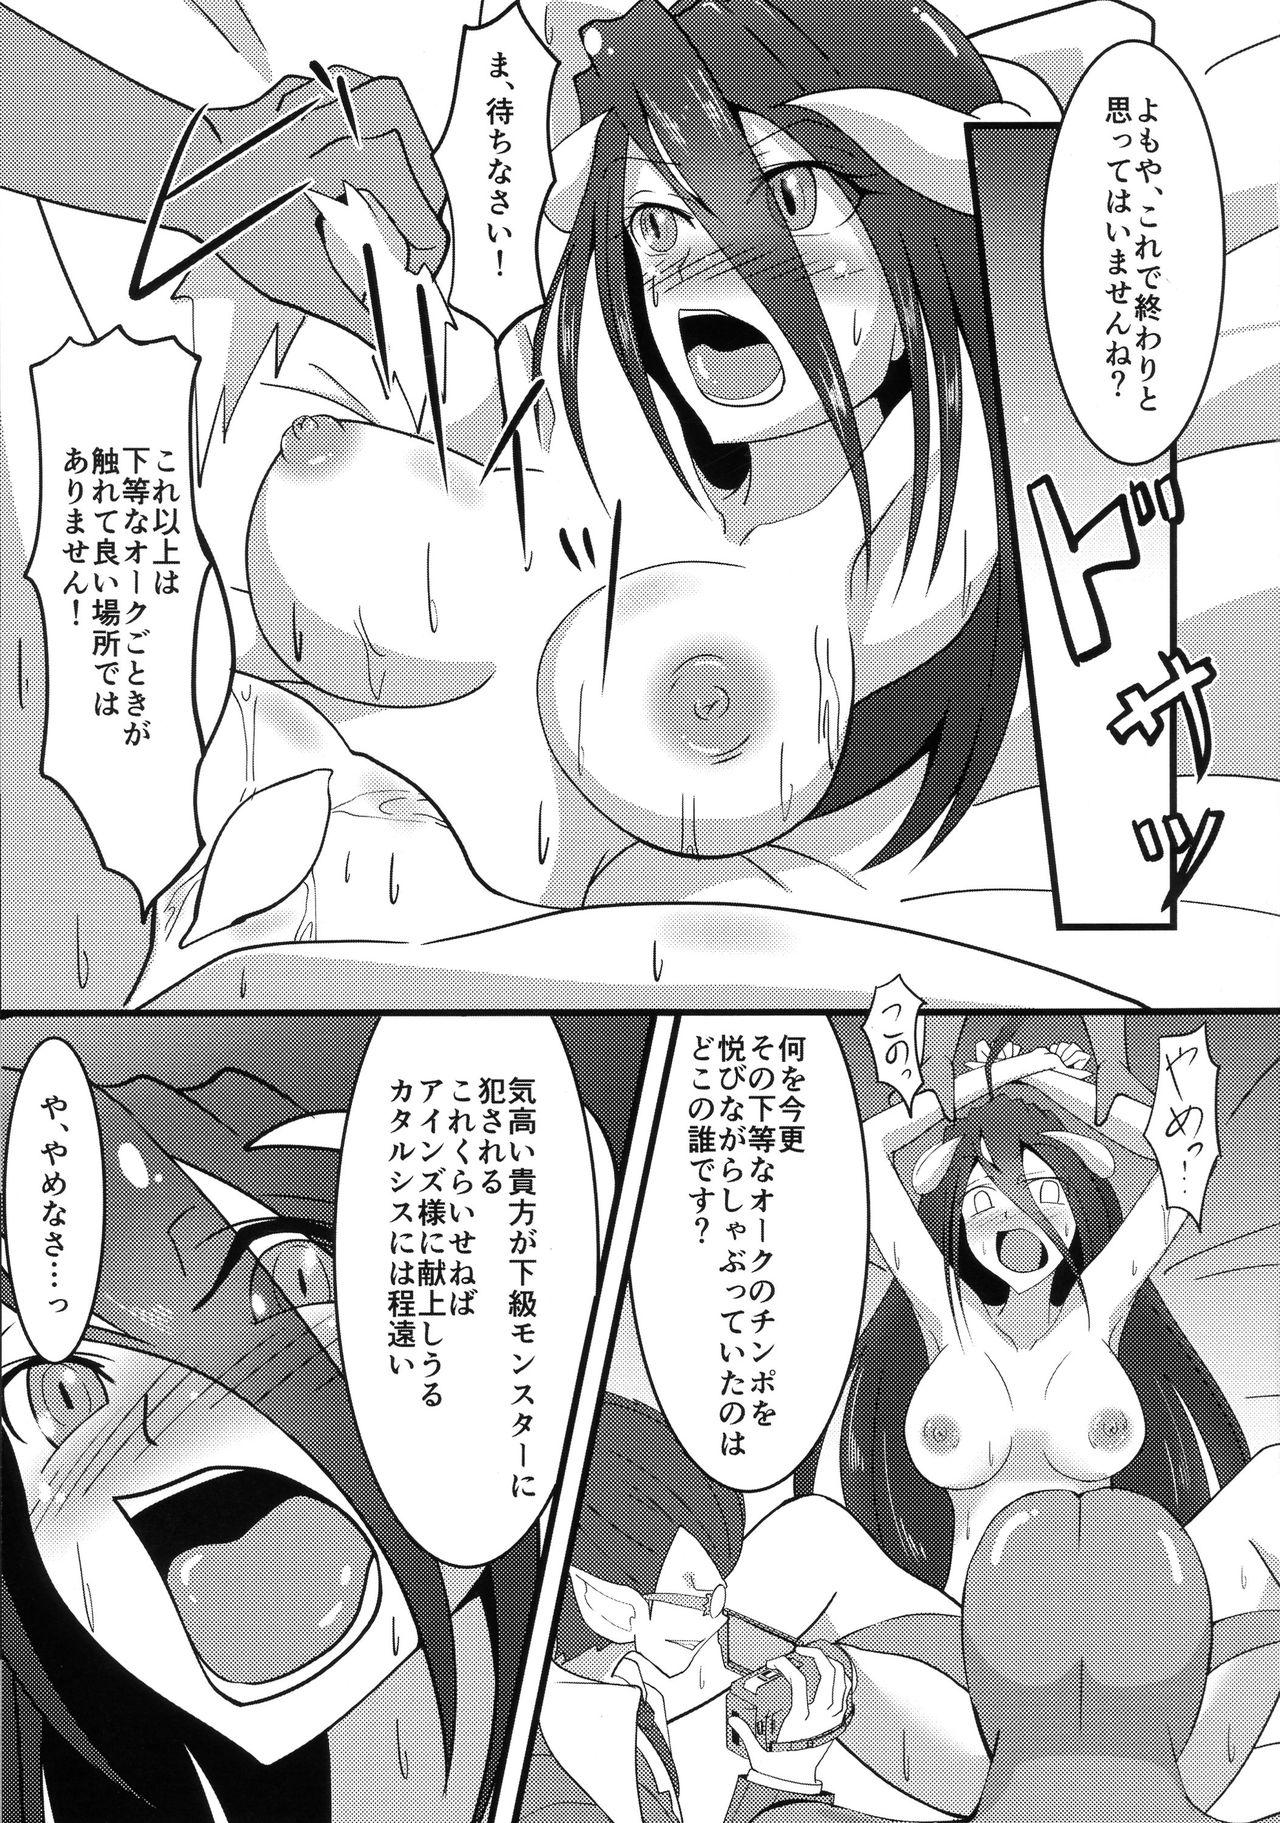 Haitoku no Hitotsukami 8